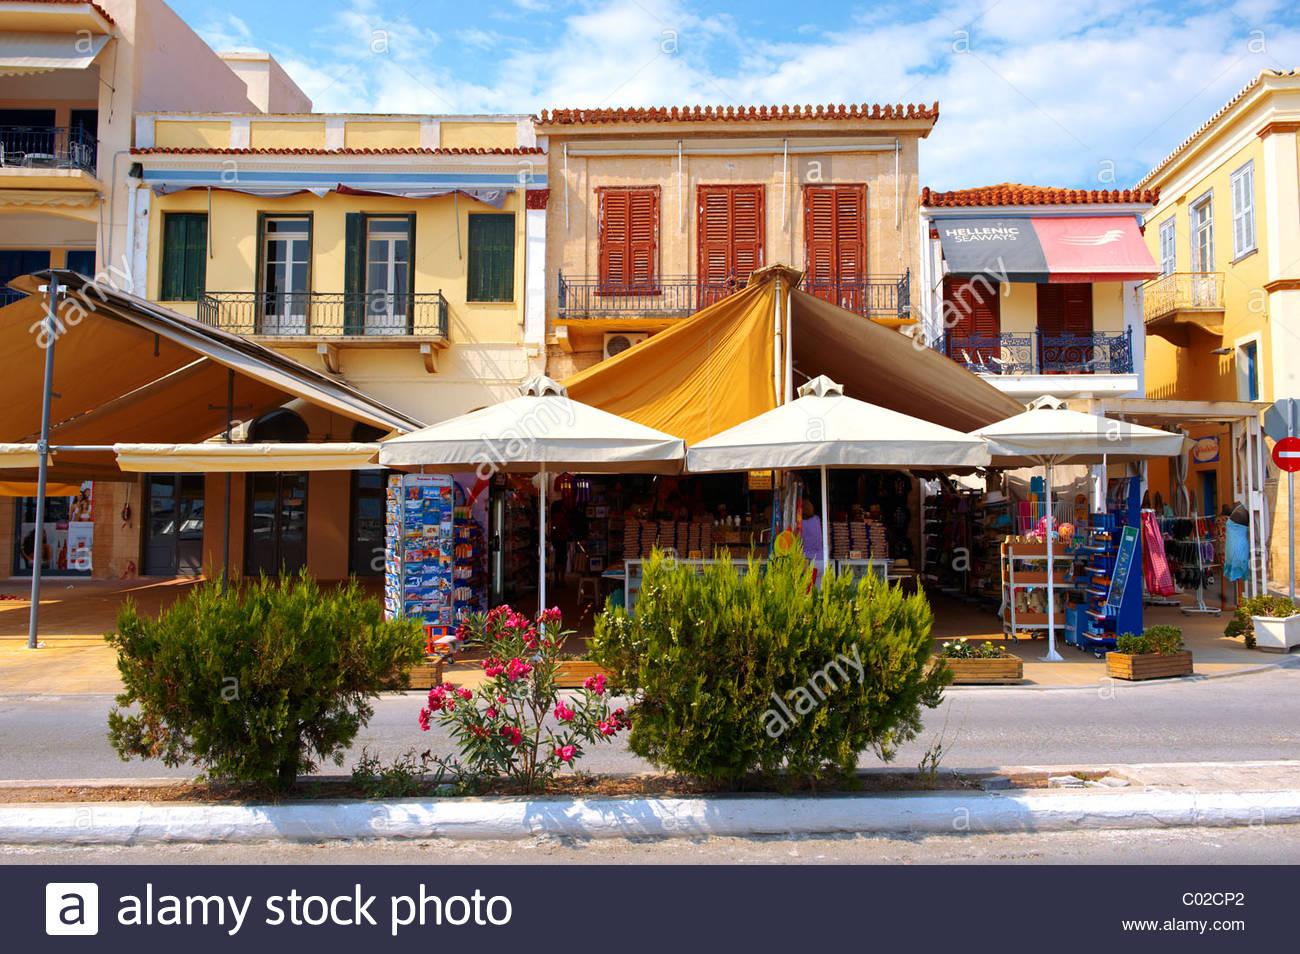 Port typique des bâtiments d'Aegins, Grec Iles Saroniques Photo Stock